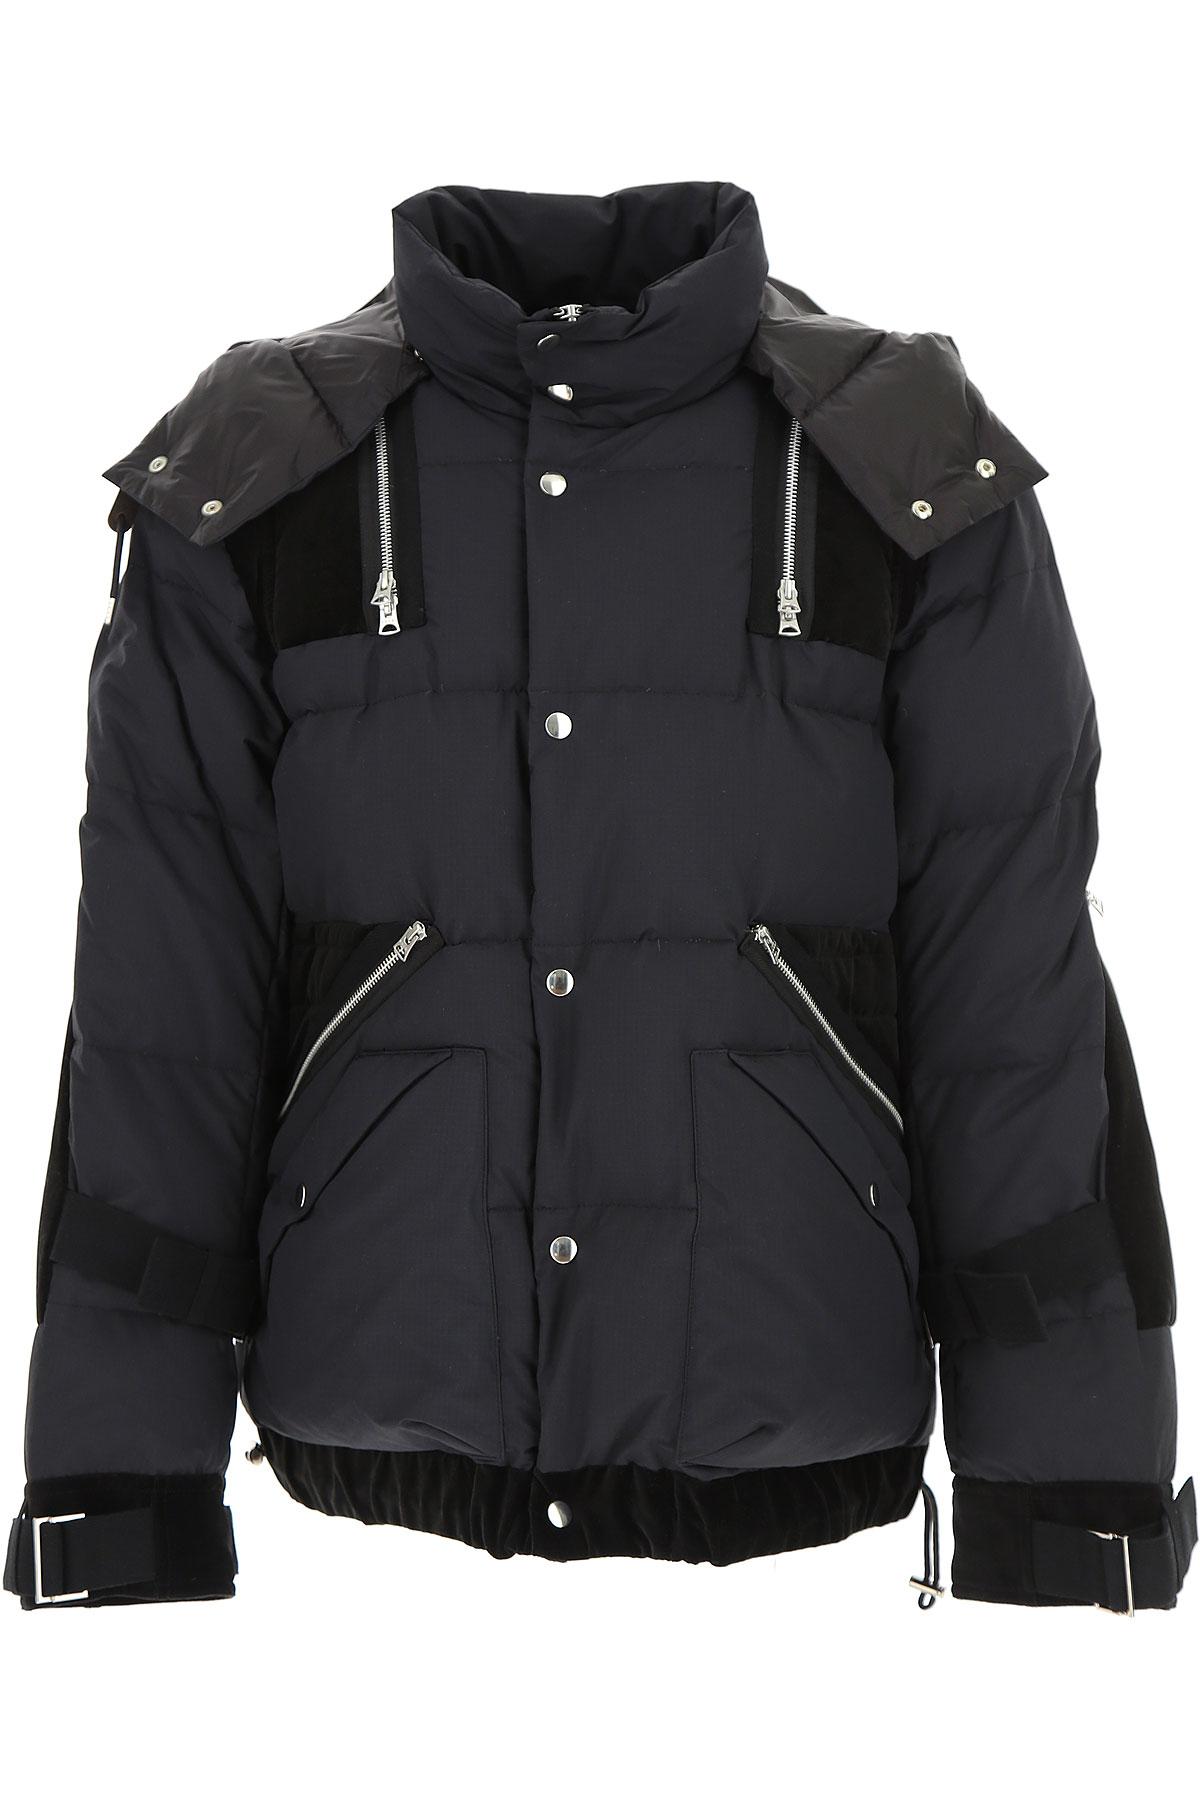 Image of Sacai Down Jacket for Men, Puffer Ski Jacket, Black, polyamide, 2017, L M XL